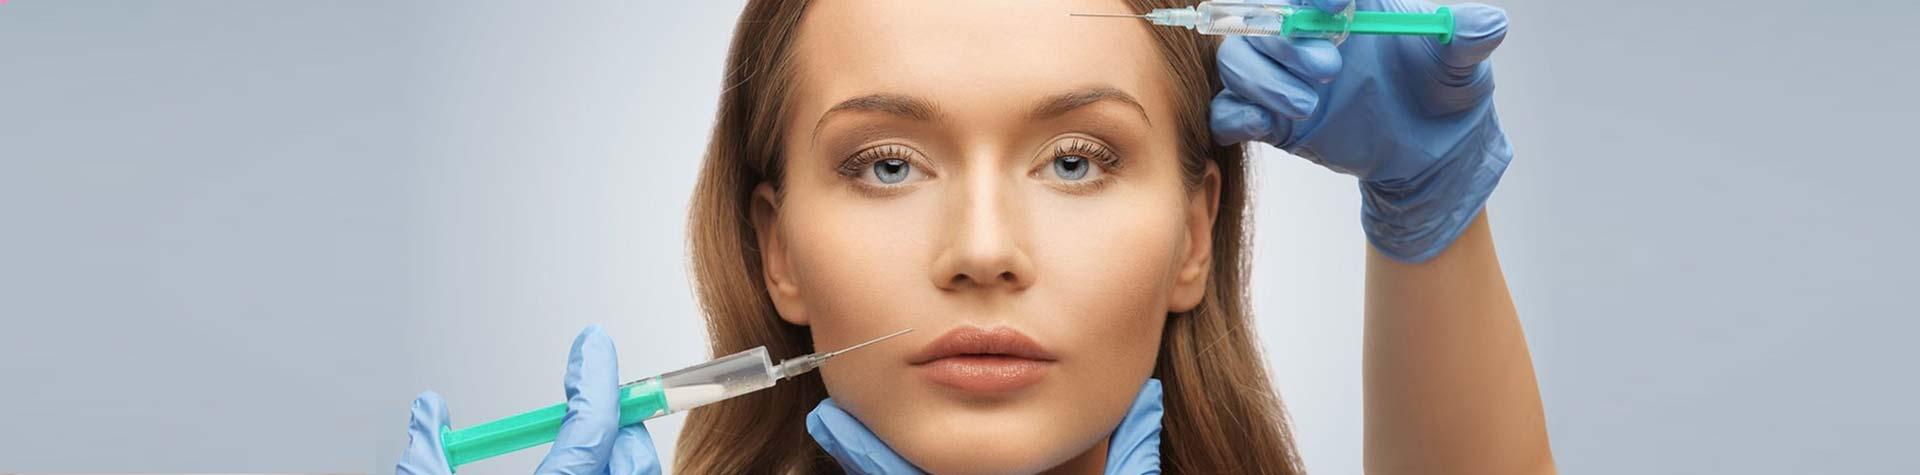 Инвазивные процедуры в косметологии